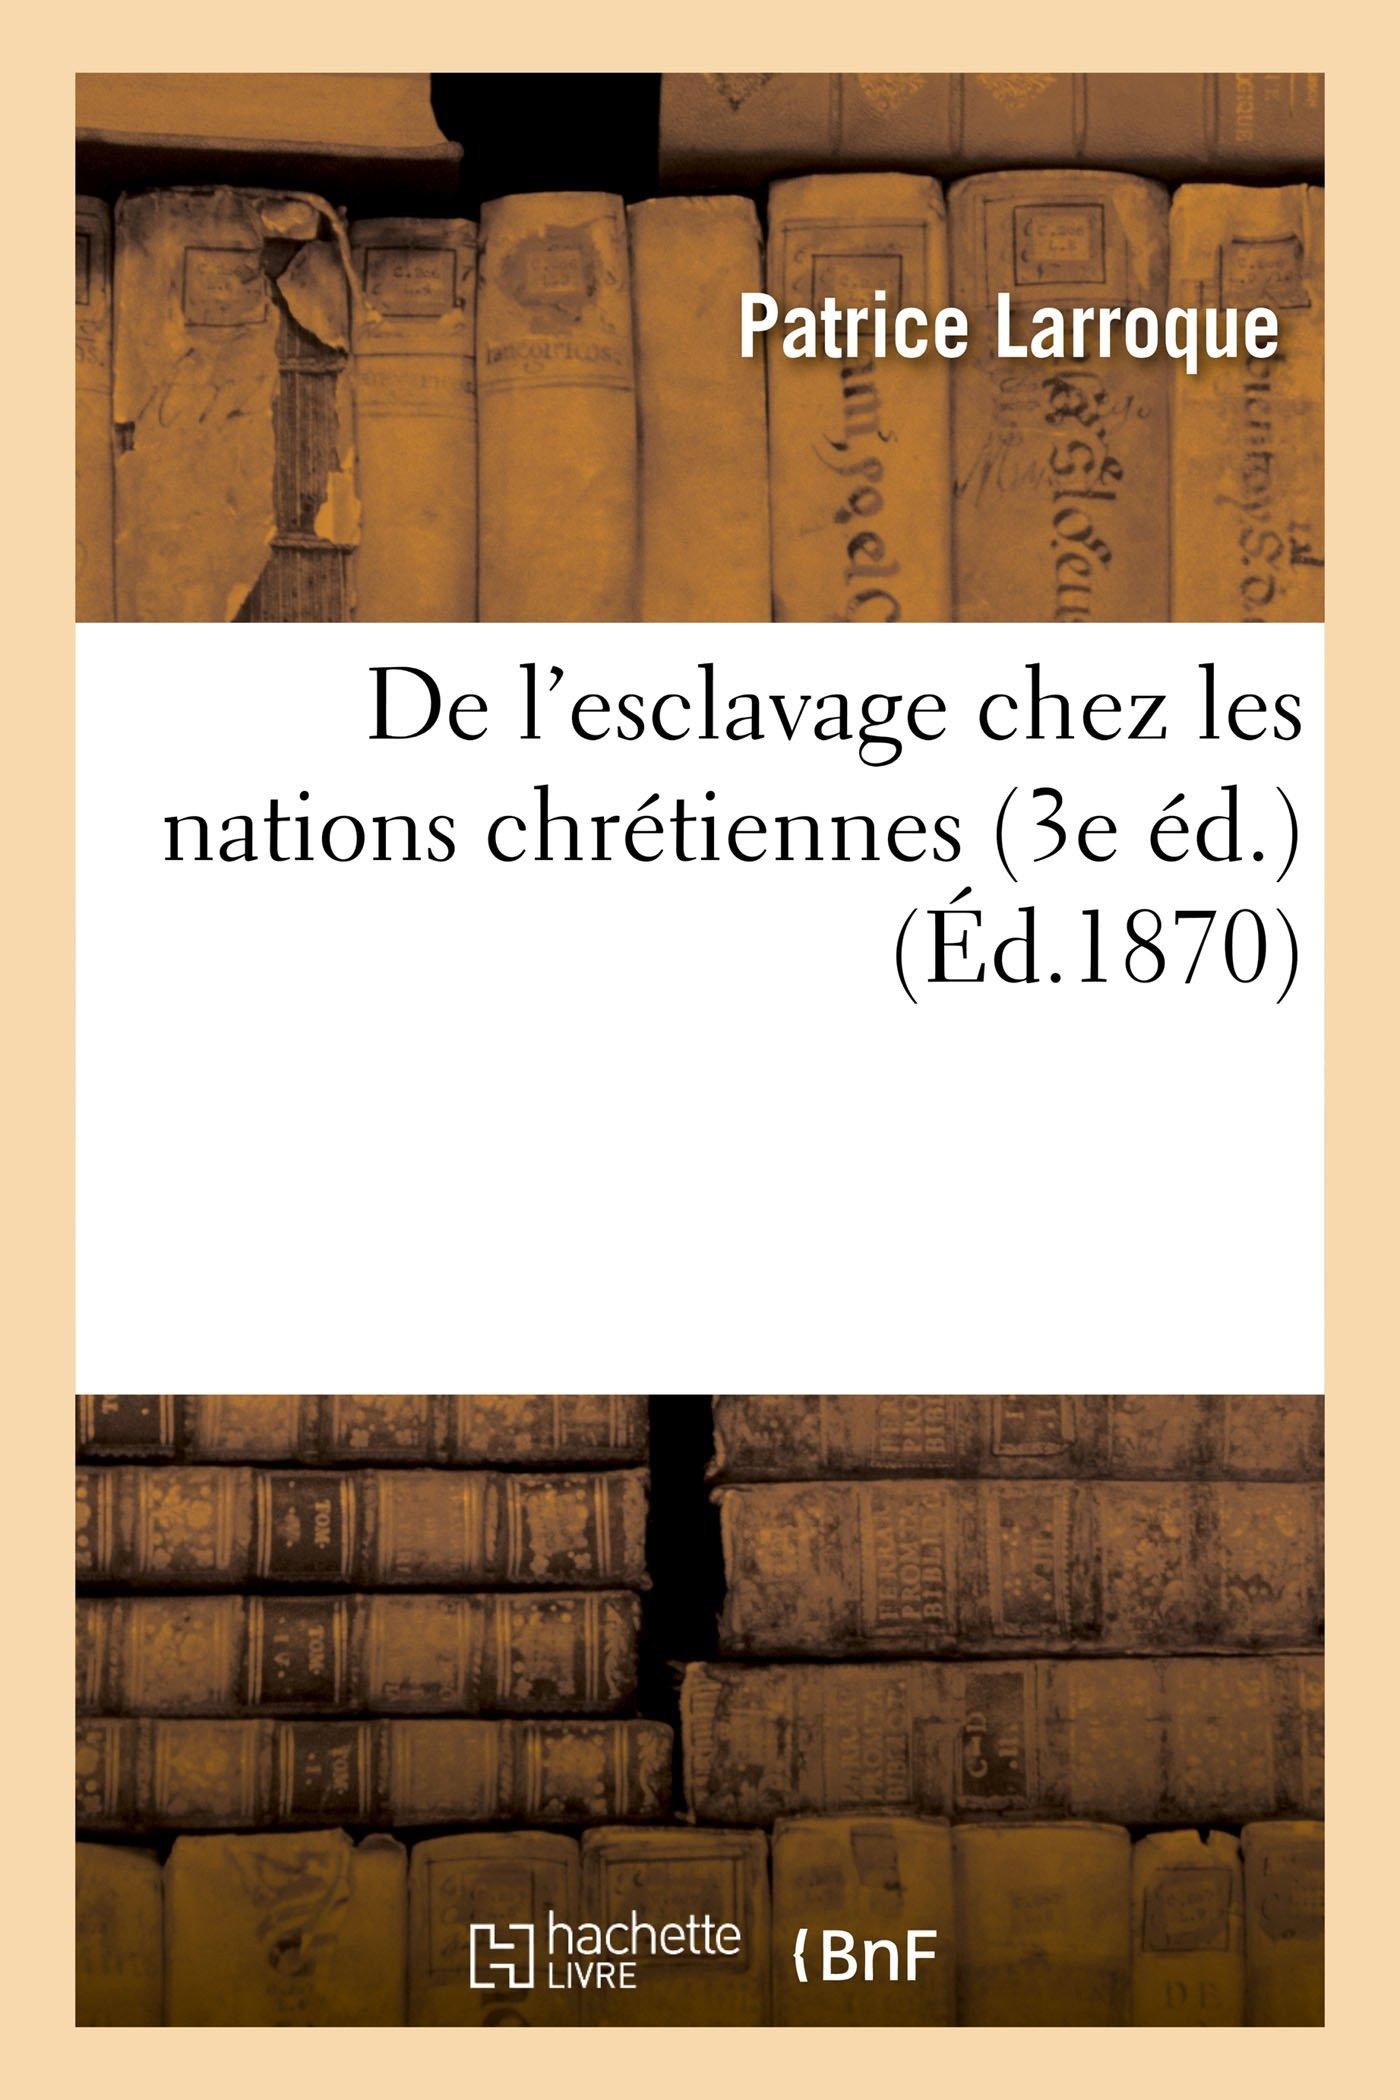 Download de l'Esclavage Chez Les Nations Chrétiennes 3e Éd. (Histoire) (French Edition) ebook